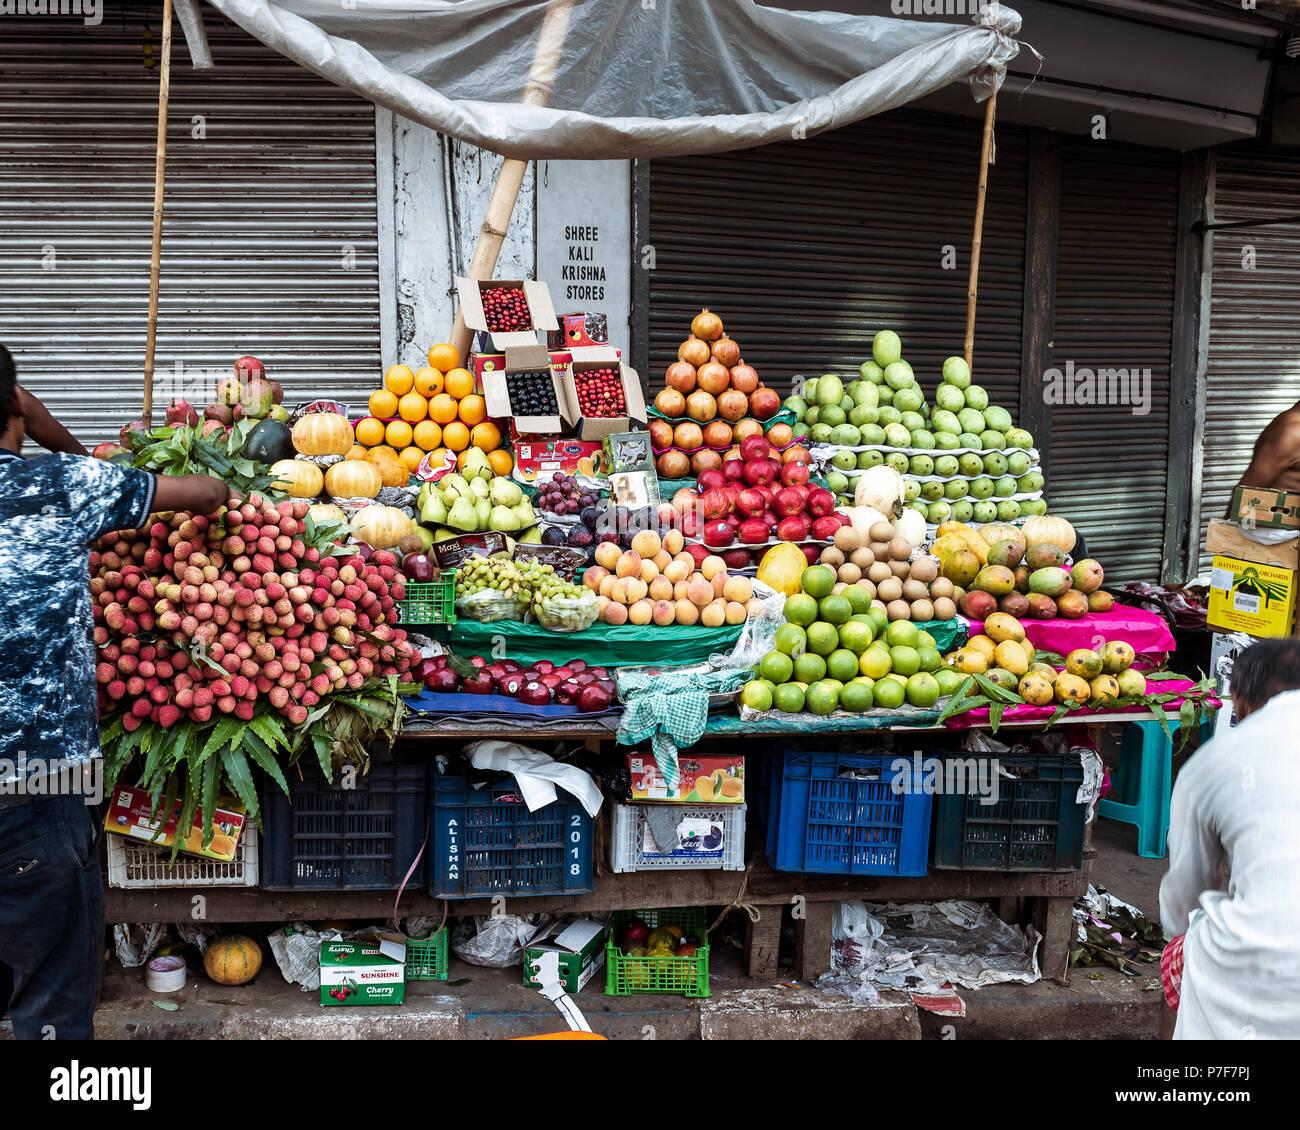 May 27,2018. Kolkata,India. Fruit sellers selling fruits on the roadside at Kolkata. - Stock Image